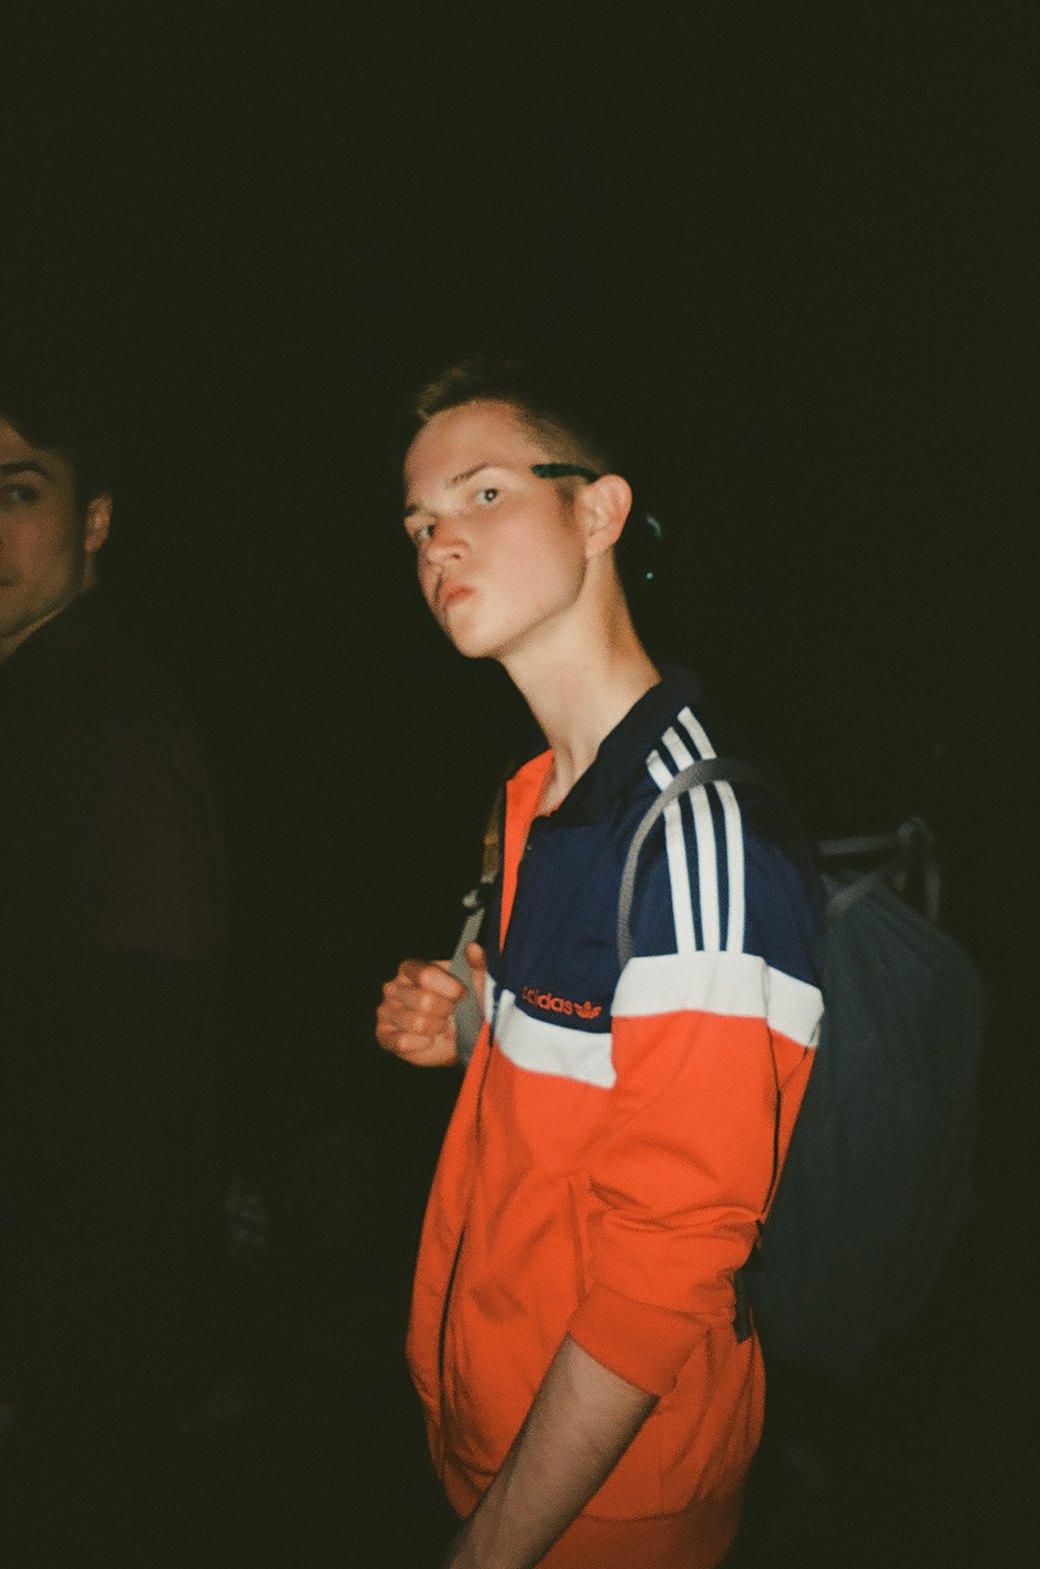 Фоторепортаж: Просвещённая молодёжь на фестивале «Пыльник». Изображение № 12.